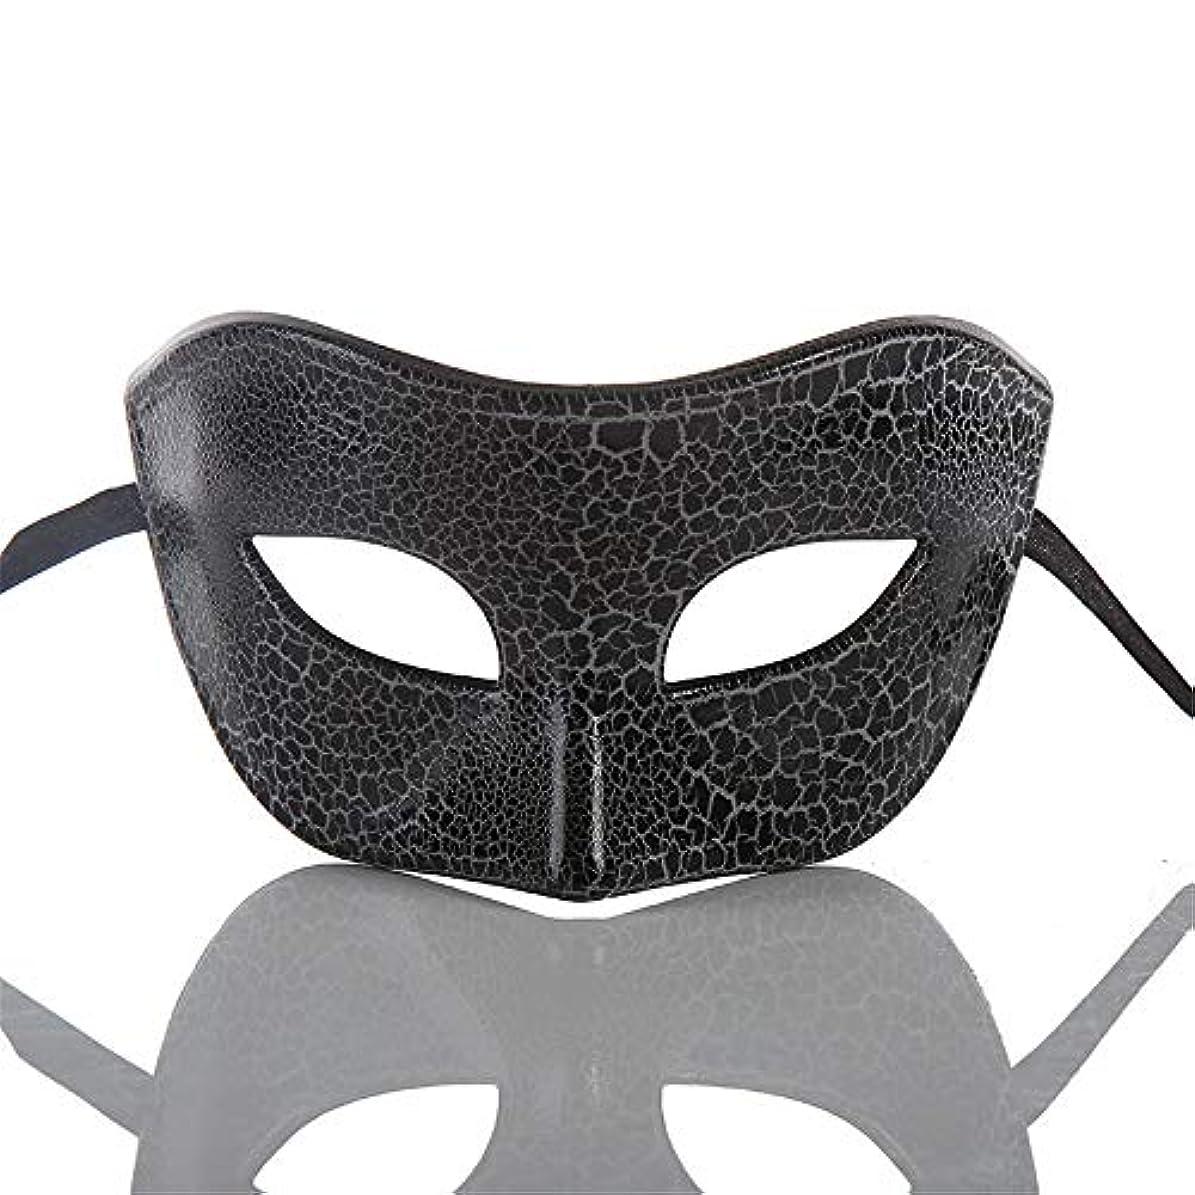 長老予測する居間ダンスマスク ハーフマスク新しいハロウィーンマスク仮装レトロコスプレメイクナイトクラブマスク雰囲気クリスマスお祝いプラスチックマスク ホリデーパーティー用品 (色 : ブラック, サイズ : 16.5x8cm)